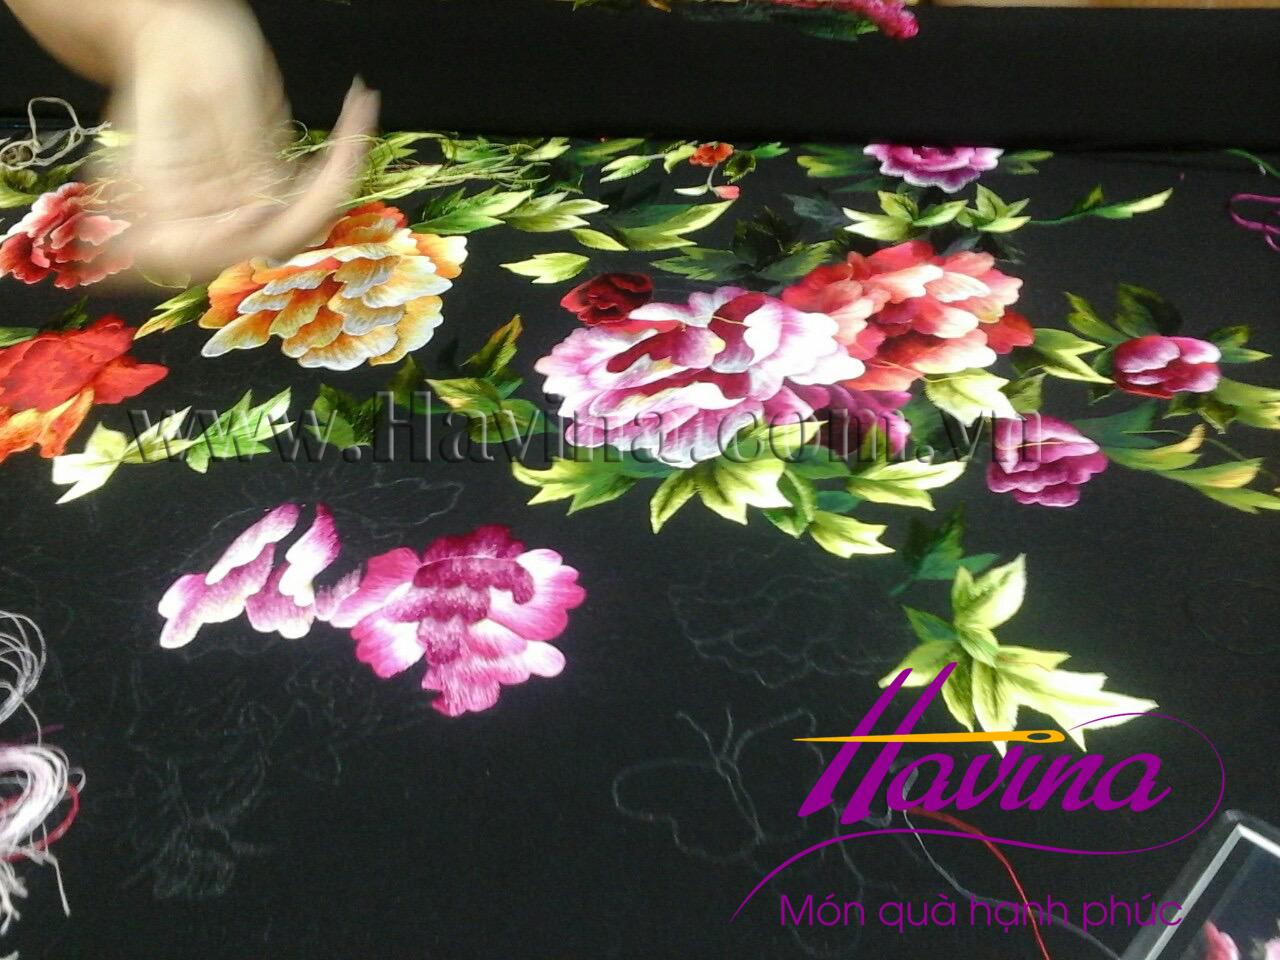 Nghệ nhân tranh thêu tay Huế đang hoàn thành tác phẩm tranh thêu hoa mẫu đơn